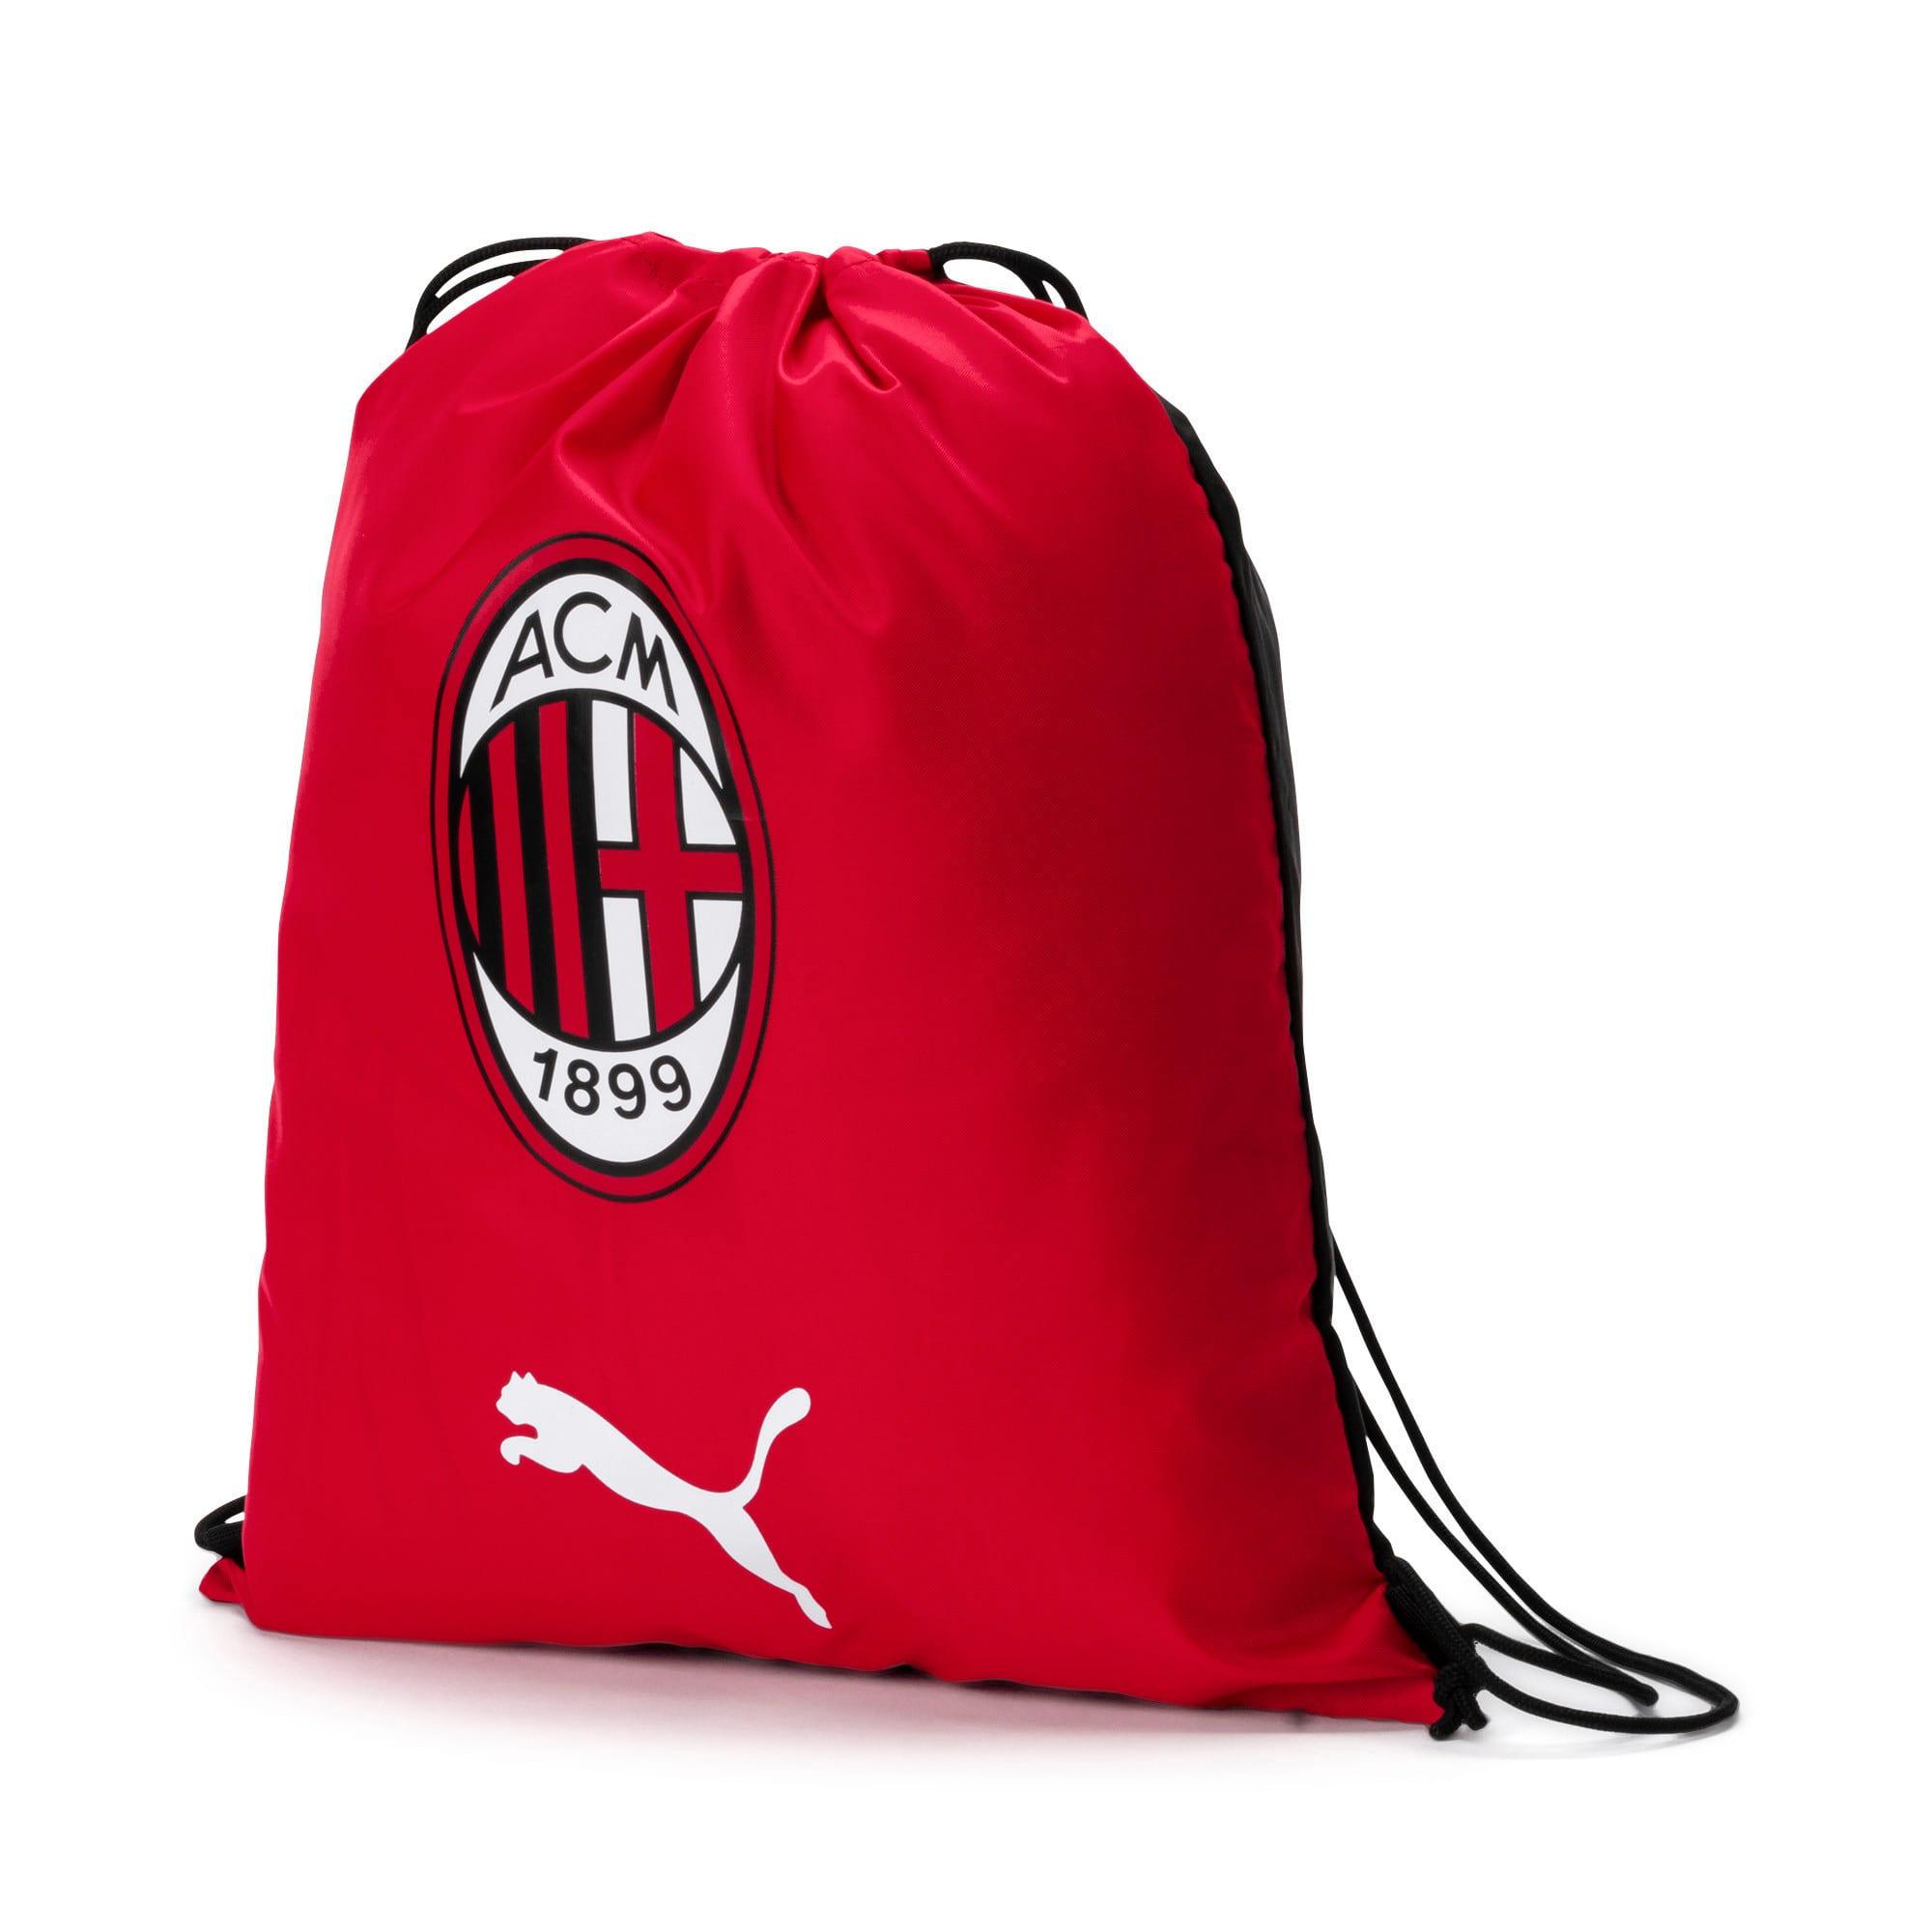 Thumbnail 1 of AC Milan Gym Sack, Tango Red-Puma Black, medium